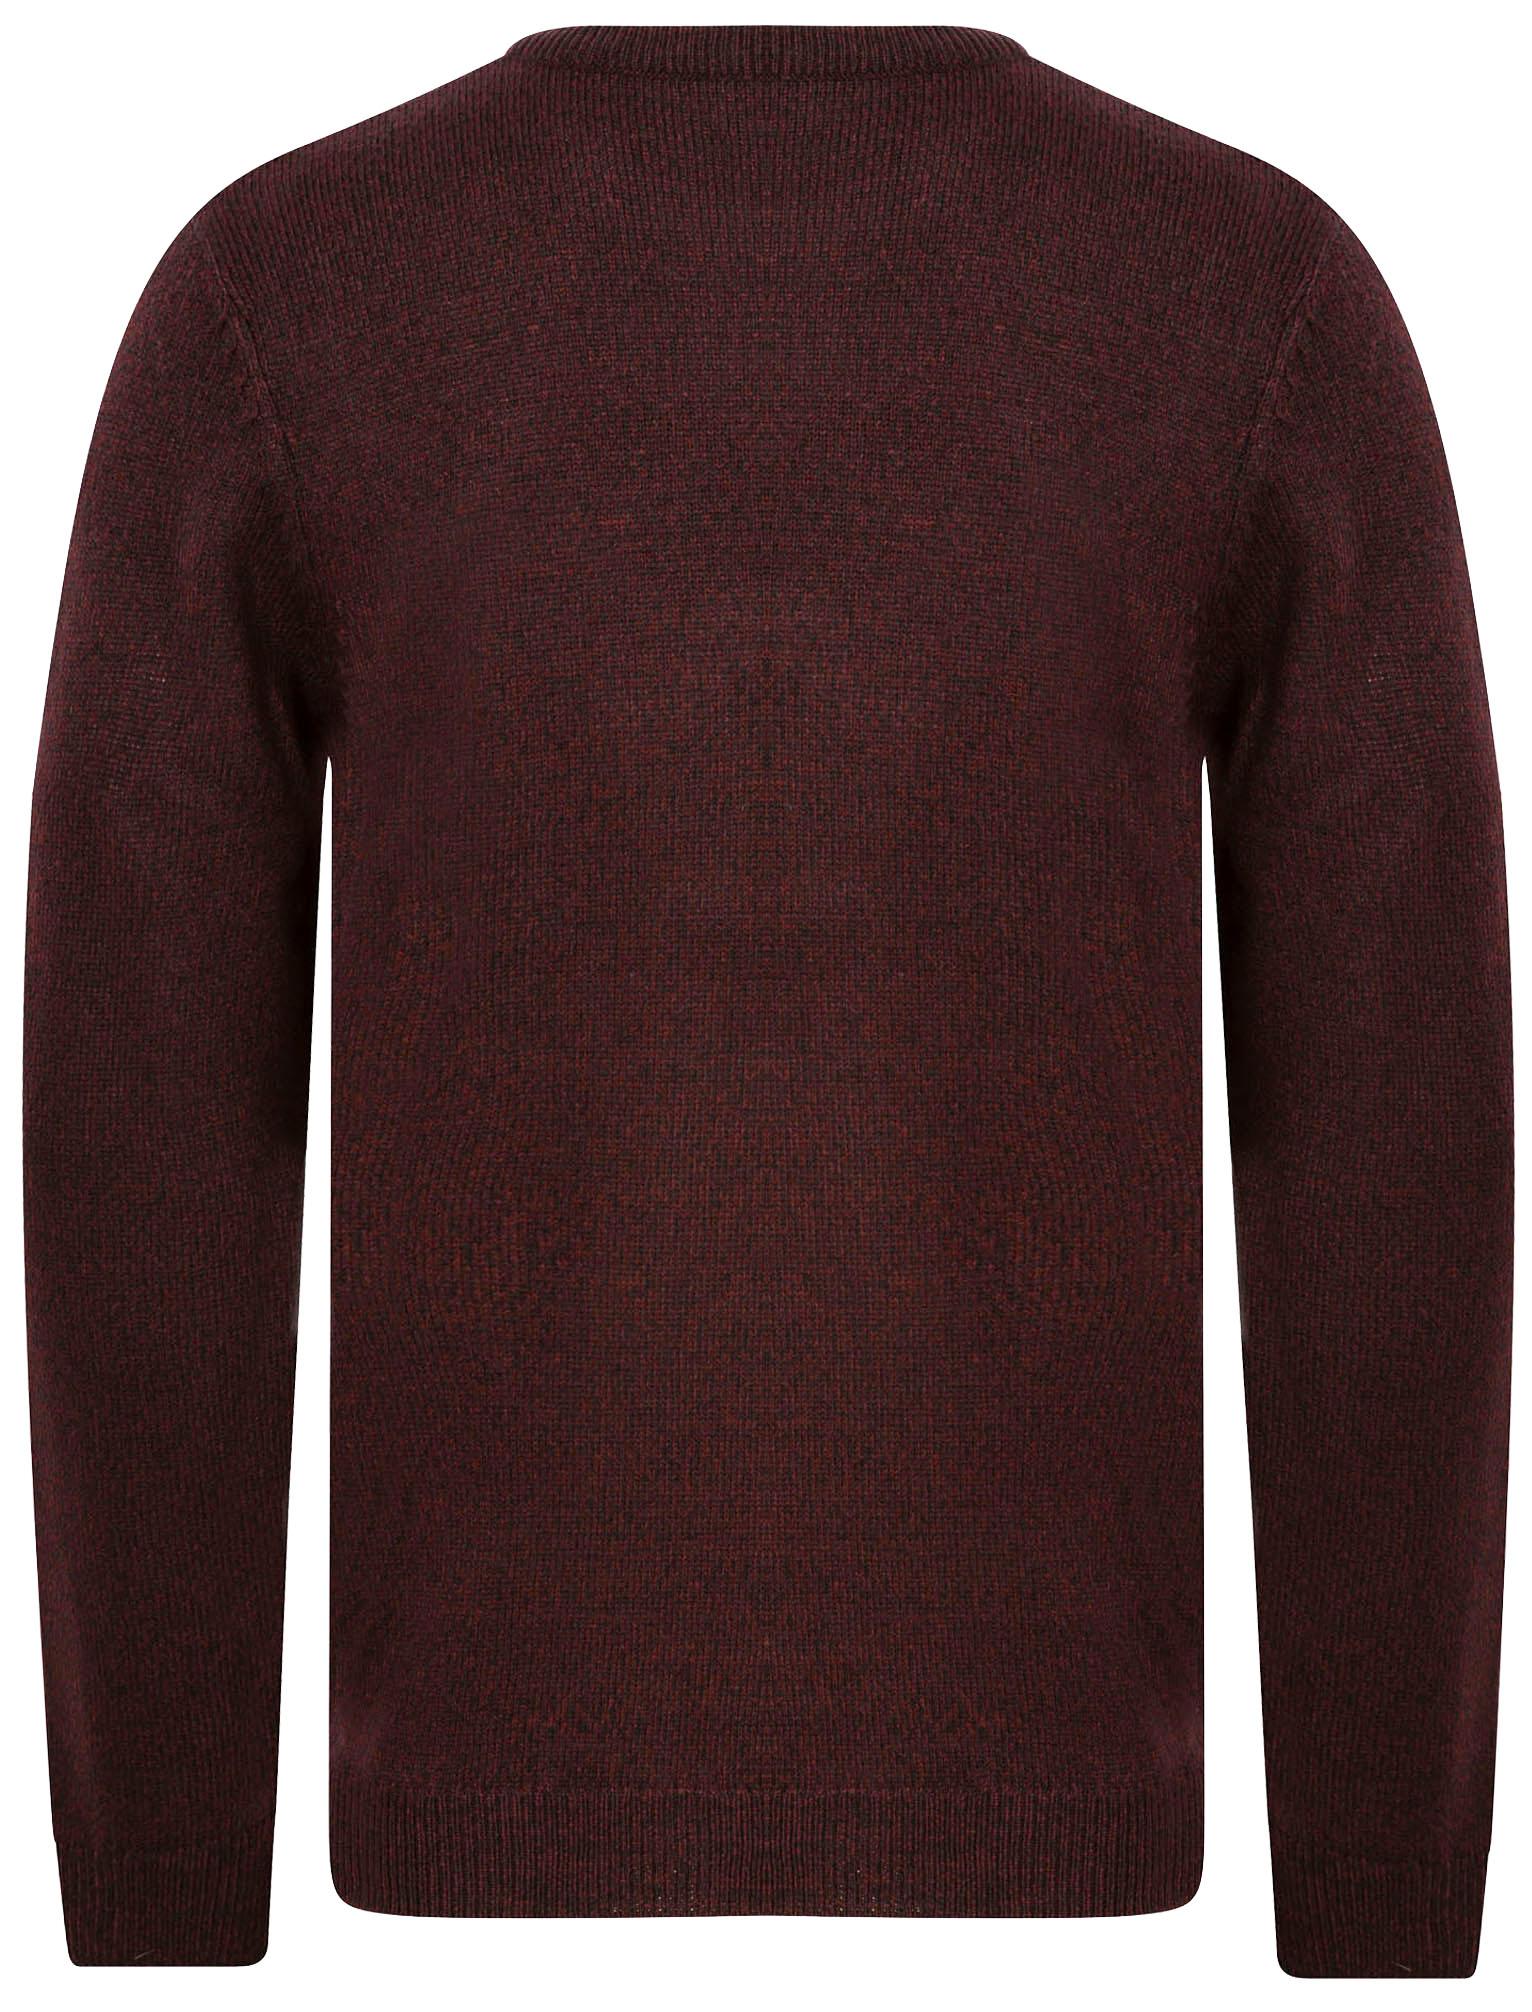 Kensington-Eastside-Men-039-s-Knitted-Crew-or-V-Neck-Jumper-Sweater-Top-Pullover thumbnail 90